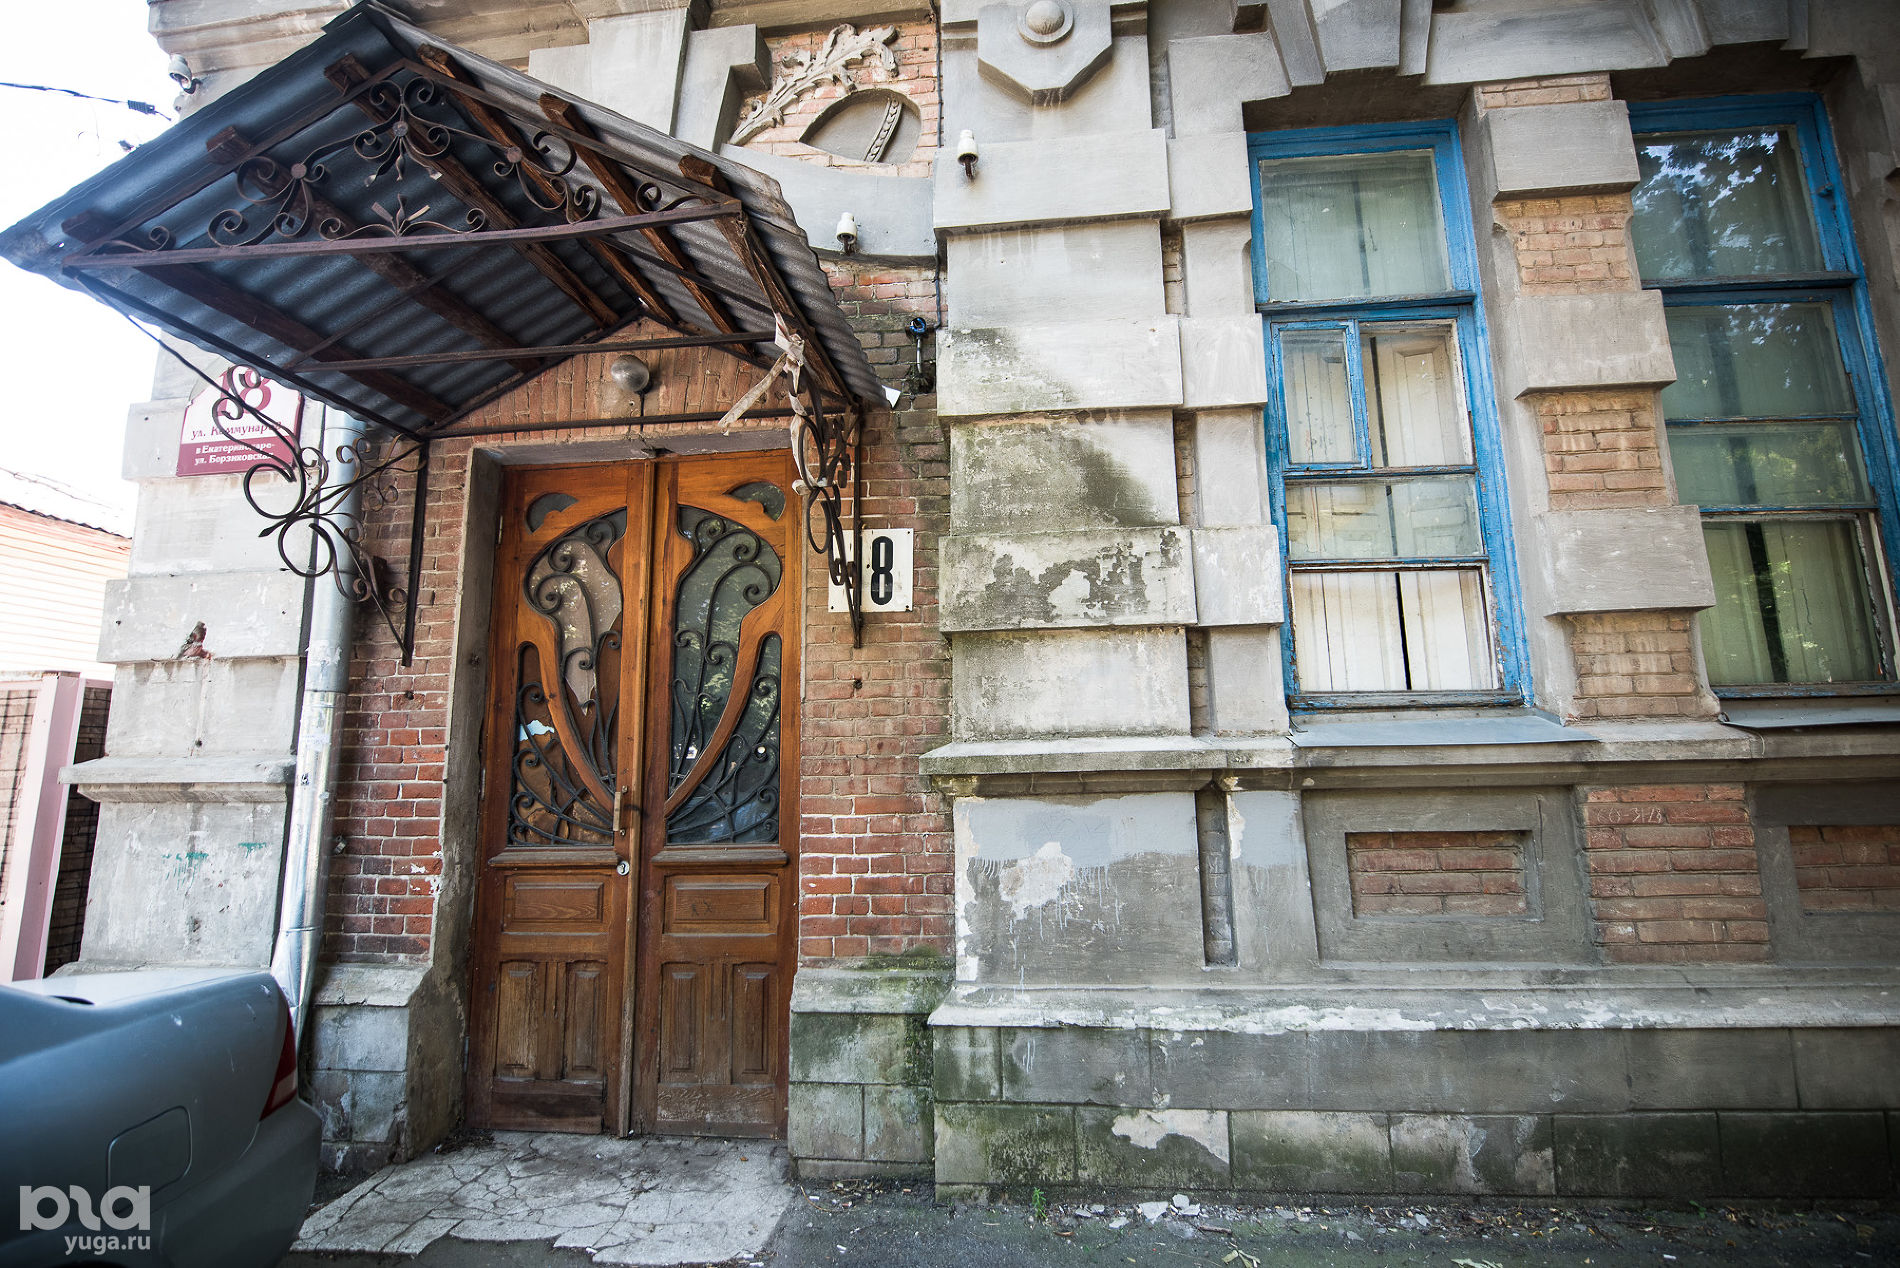 Коммунаров, 18. Дом жилой присяжного поверенного В.В. Сербина, 1910 г. ©Фото Елены Синеок, Юга.ру